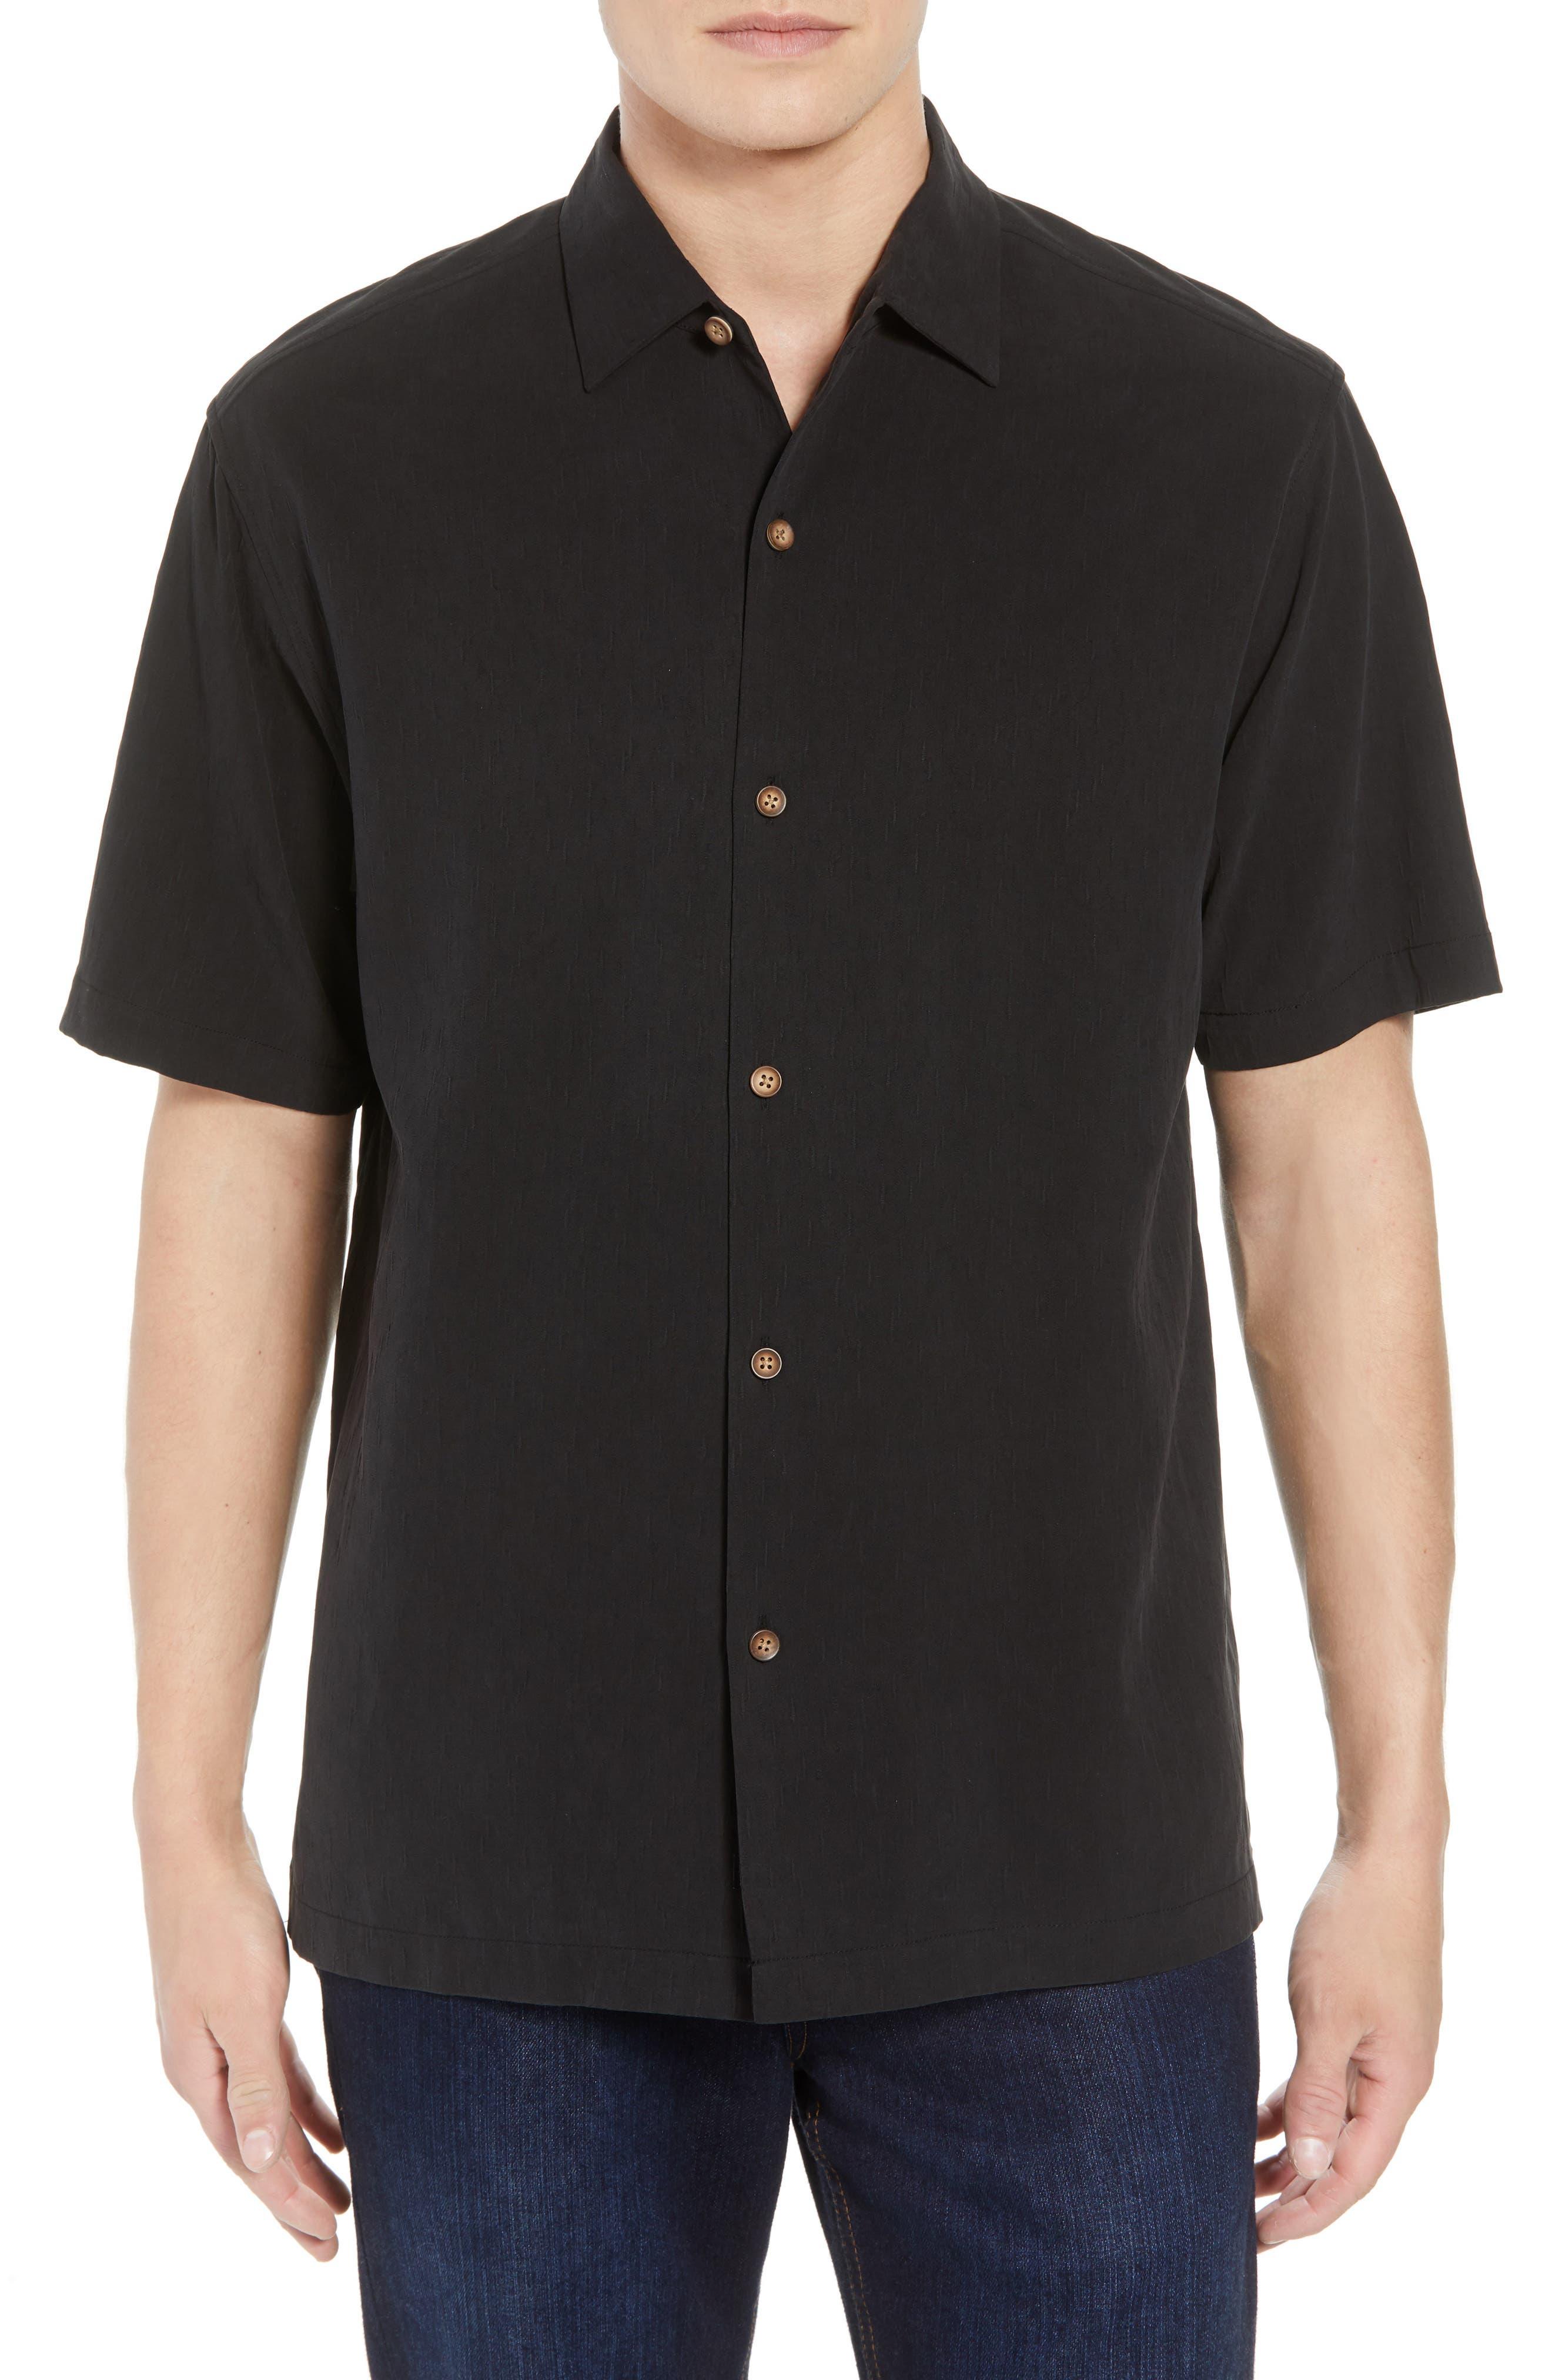 Bahama Reserve Silk Camp Shirt,                             Main thumbnail 1, color,                             001